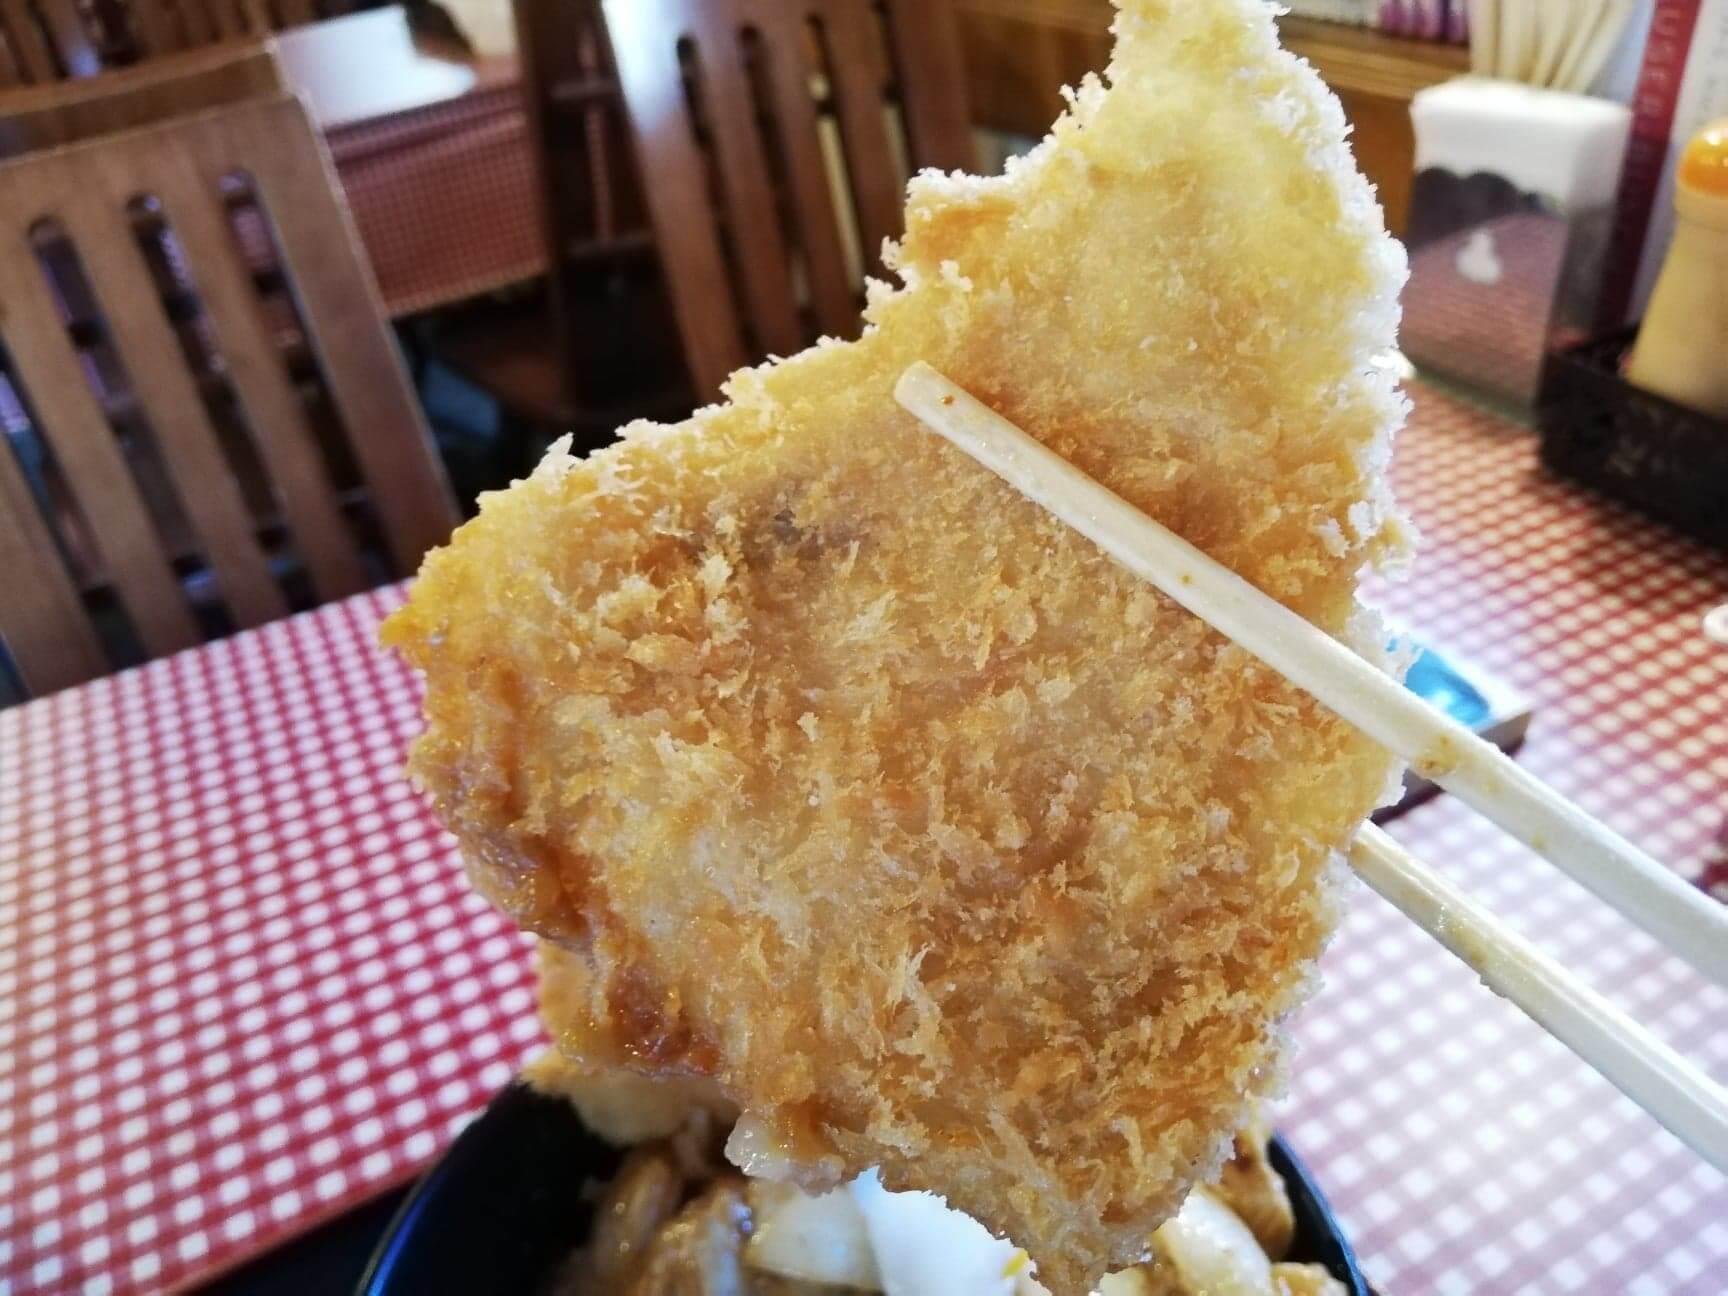 江古田『キッチン男の晩ごはん女の昼ごはん』のスタミナ野郎丼(極み)のカツを箸で持ち上げた写真